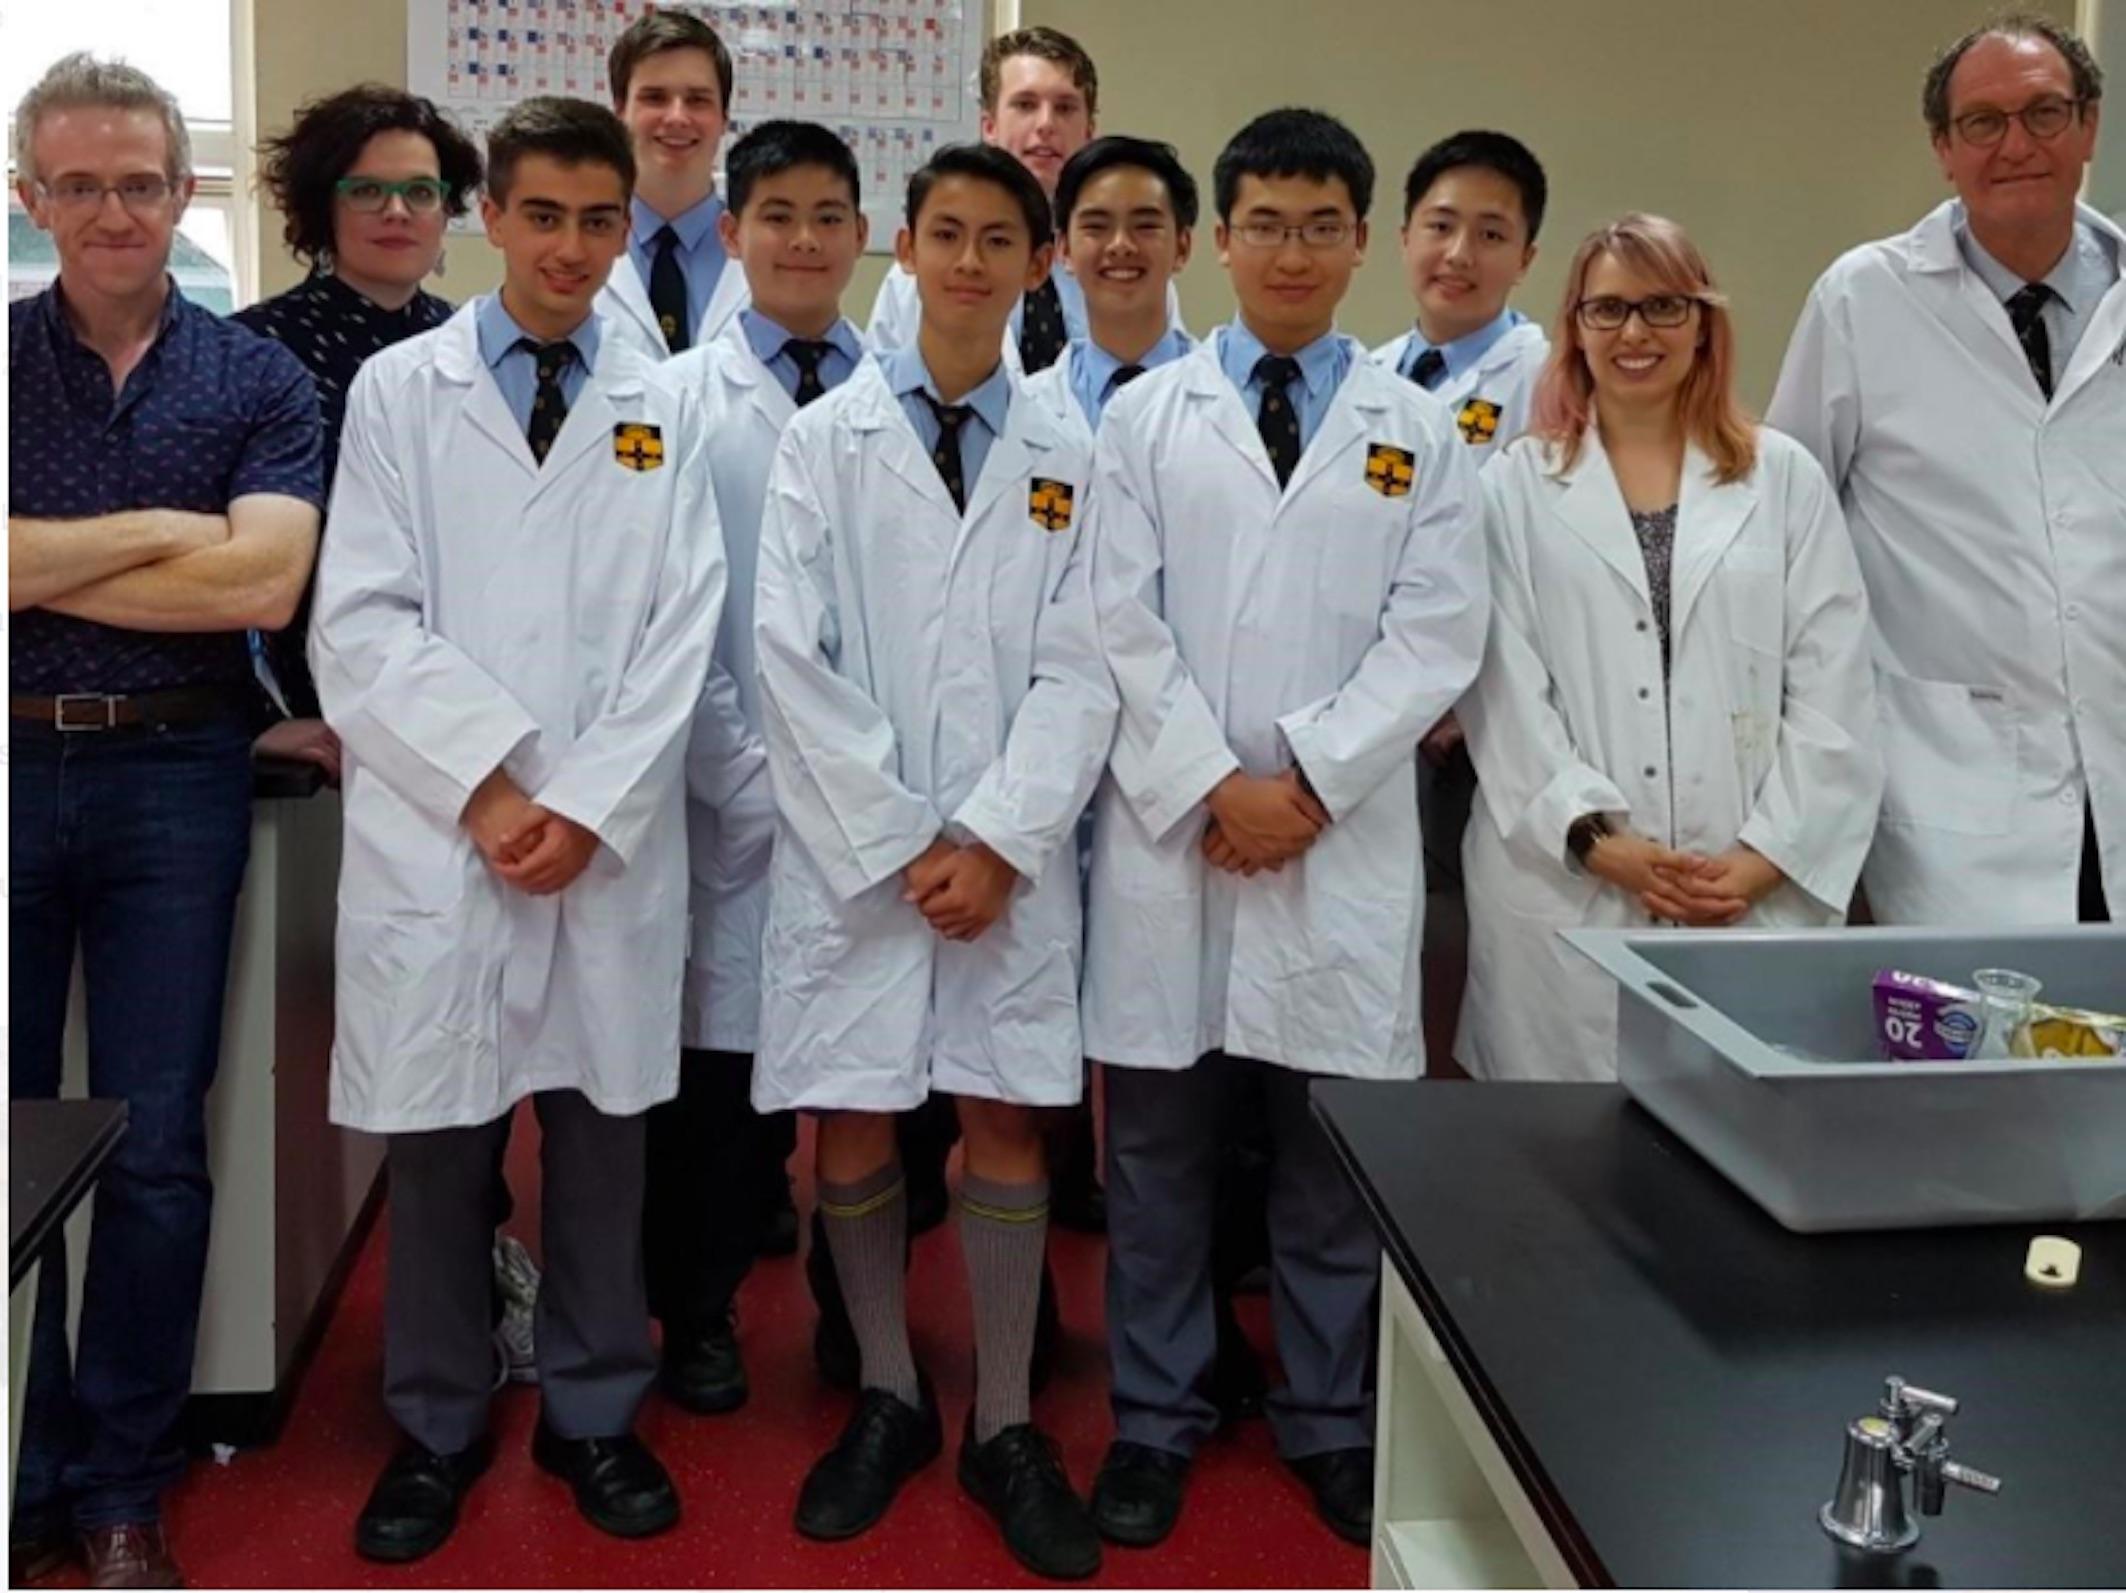 Students from Sydney Grammar. Photo via University of Sydney.